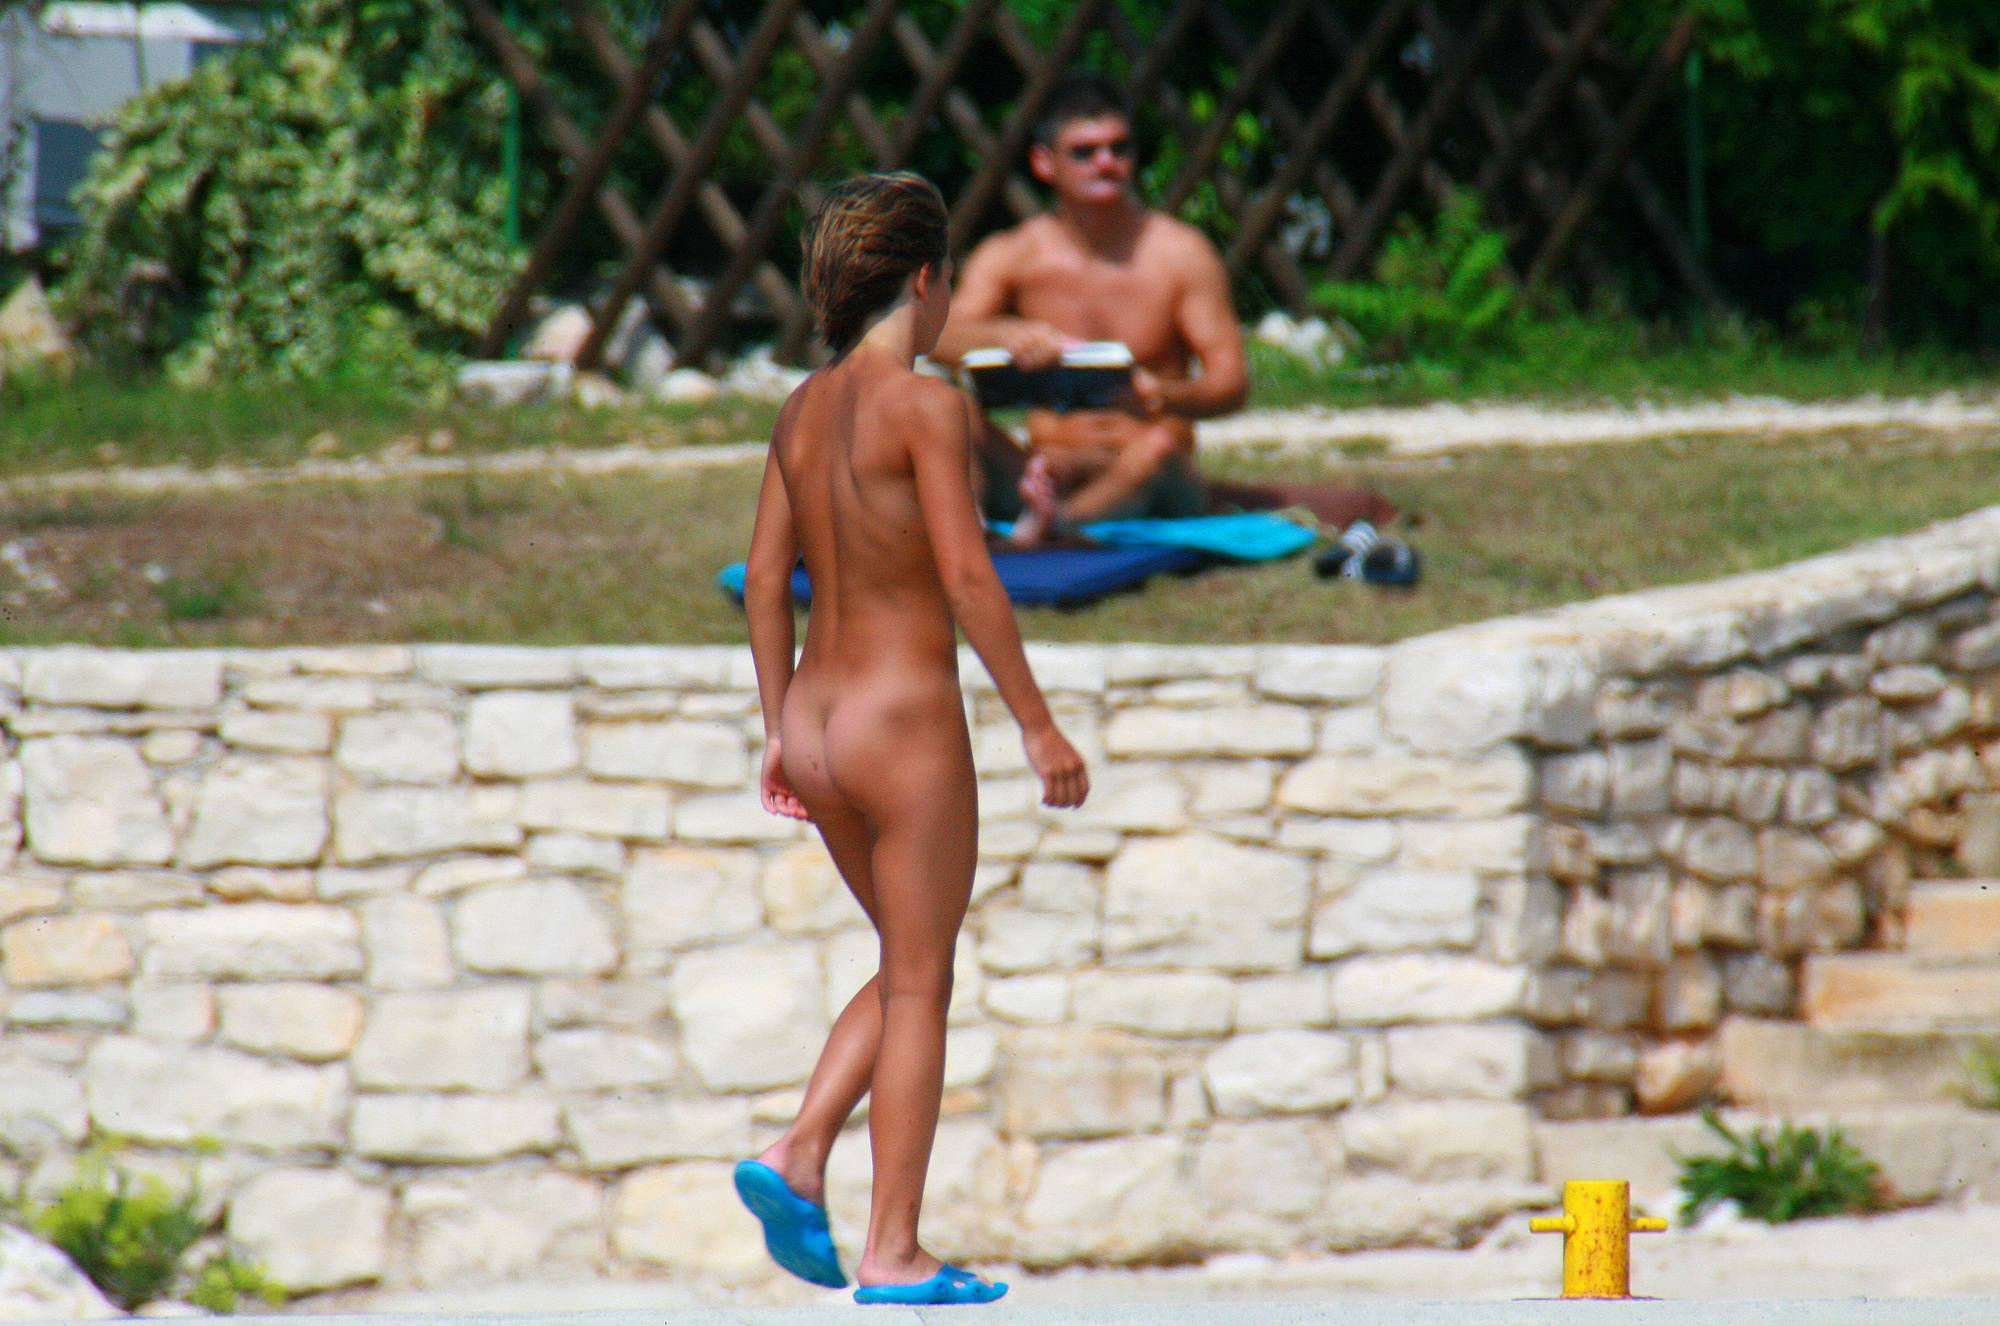 Nudist Pics Ula FKK Kids' Net Catching - 2